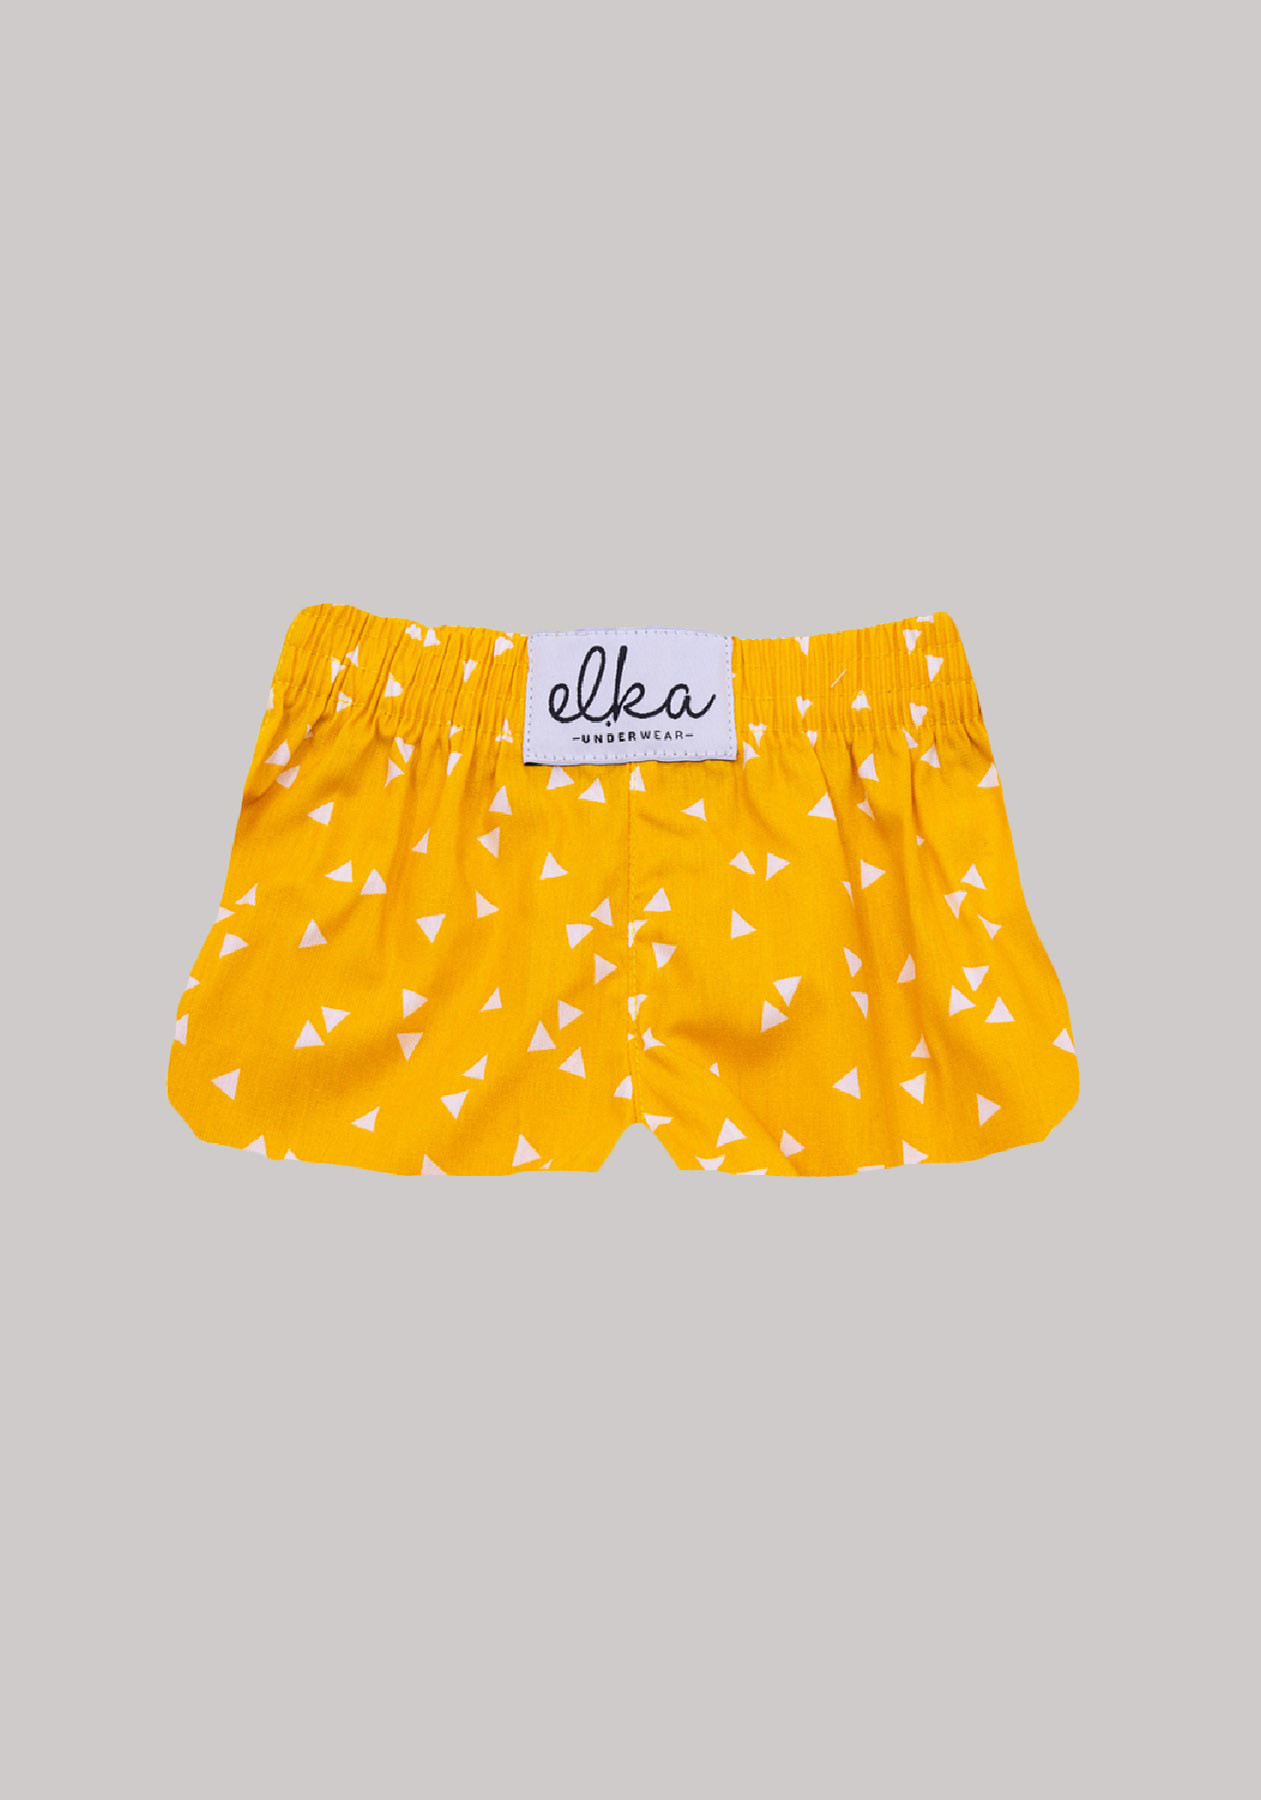 Kids-boxershorts-ELKA-Lounge-K00535